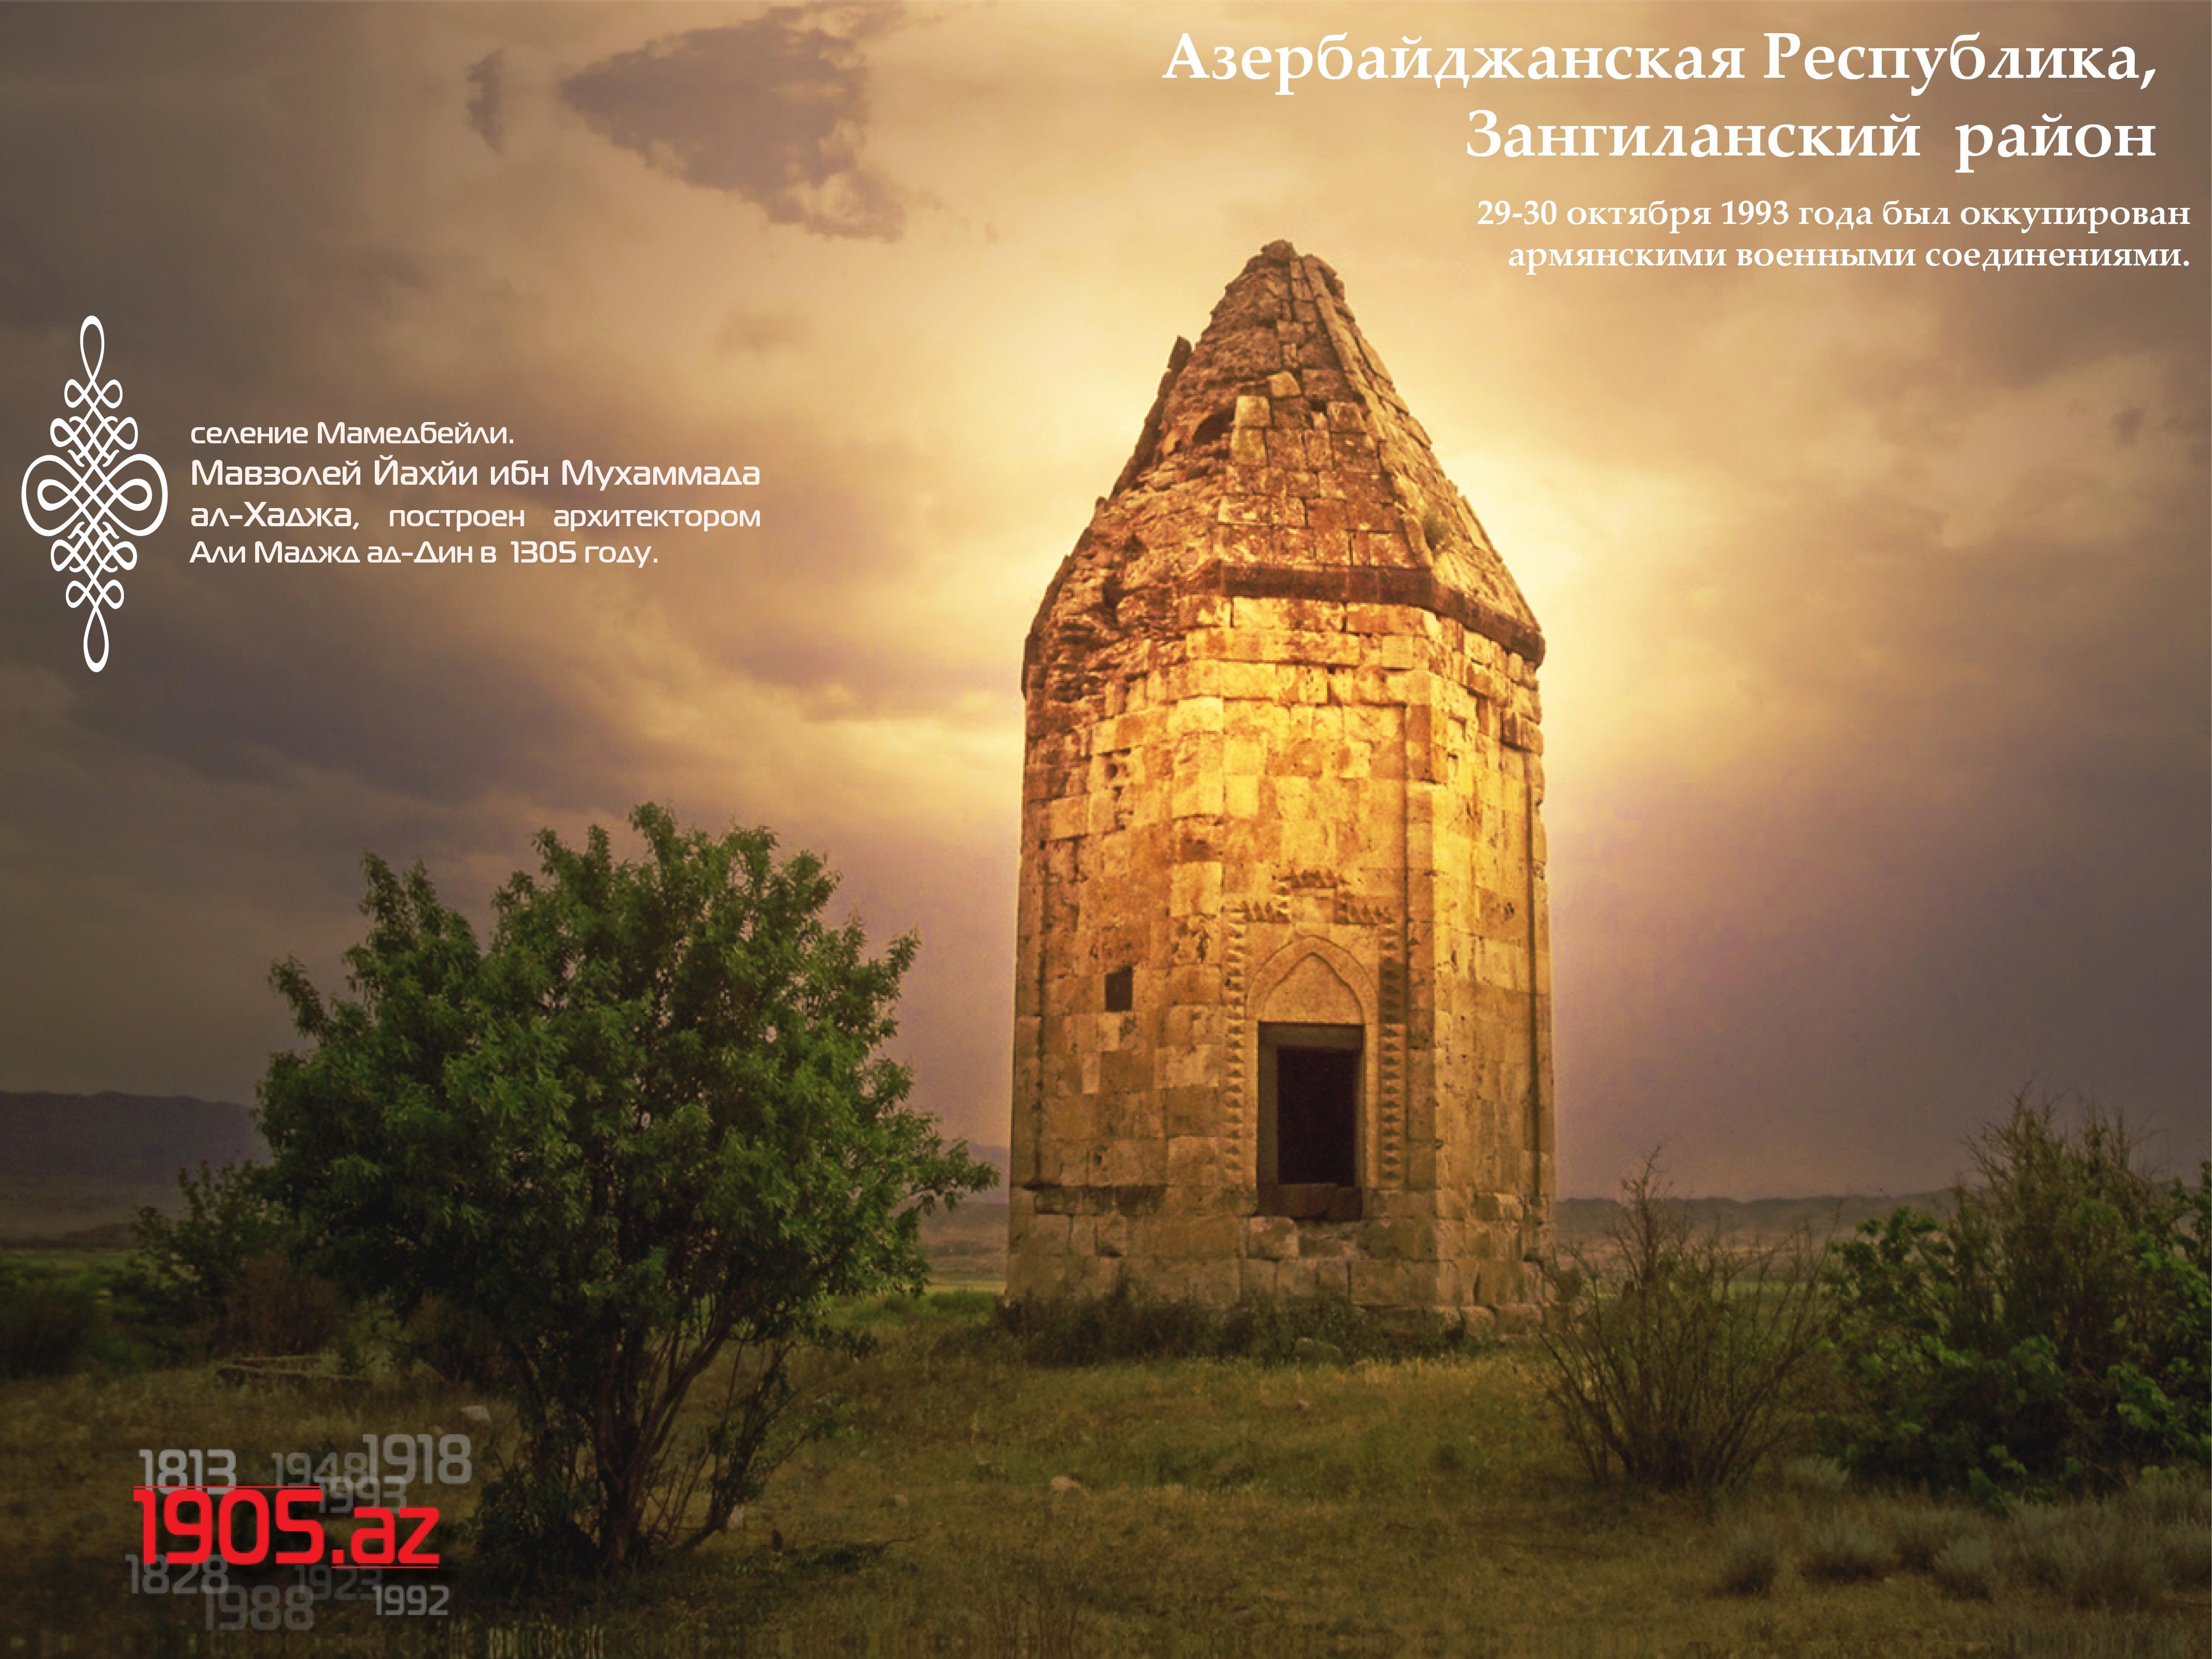 ru_Мавзолей Мамедбейли_Зангиланский  район